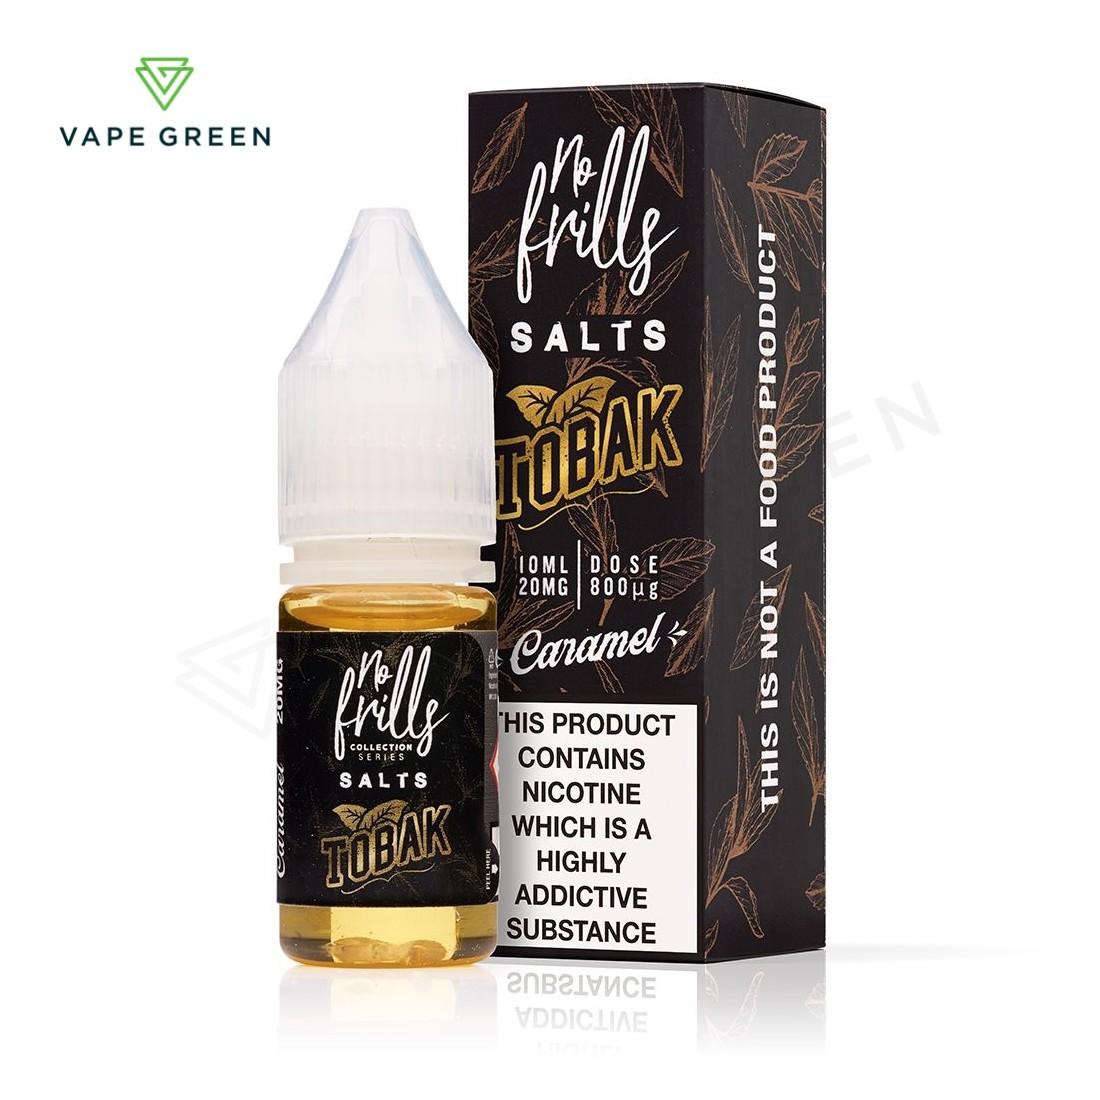 Caramel Tobacco E-Liquid by No Frills Tobak Salts